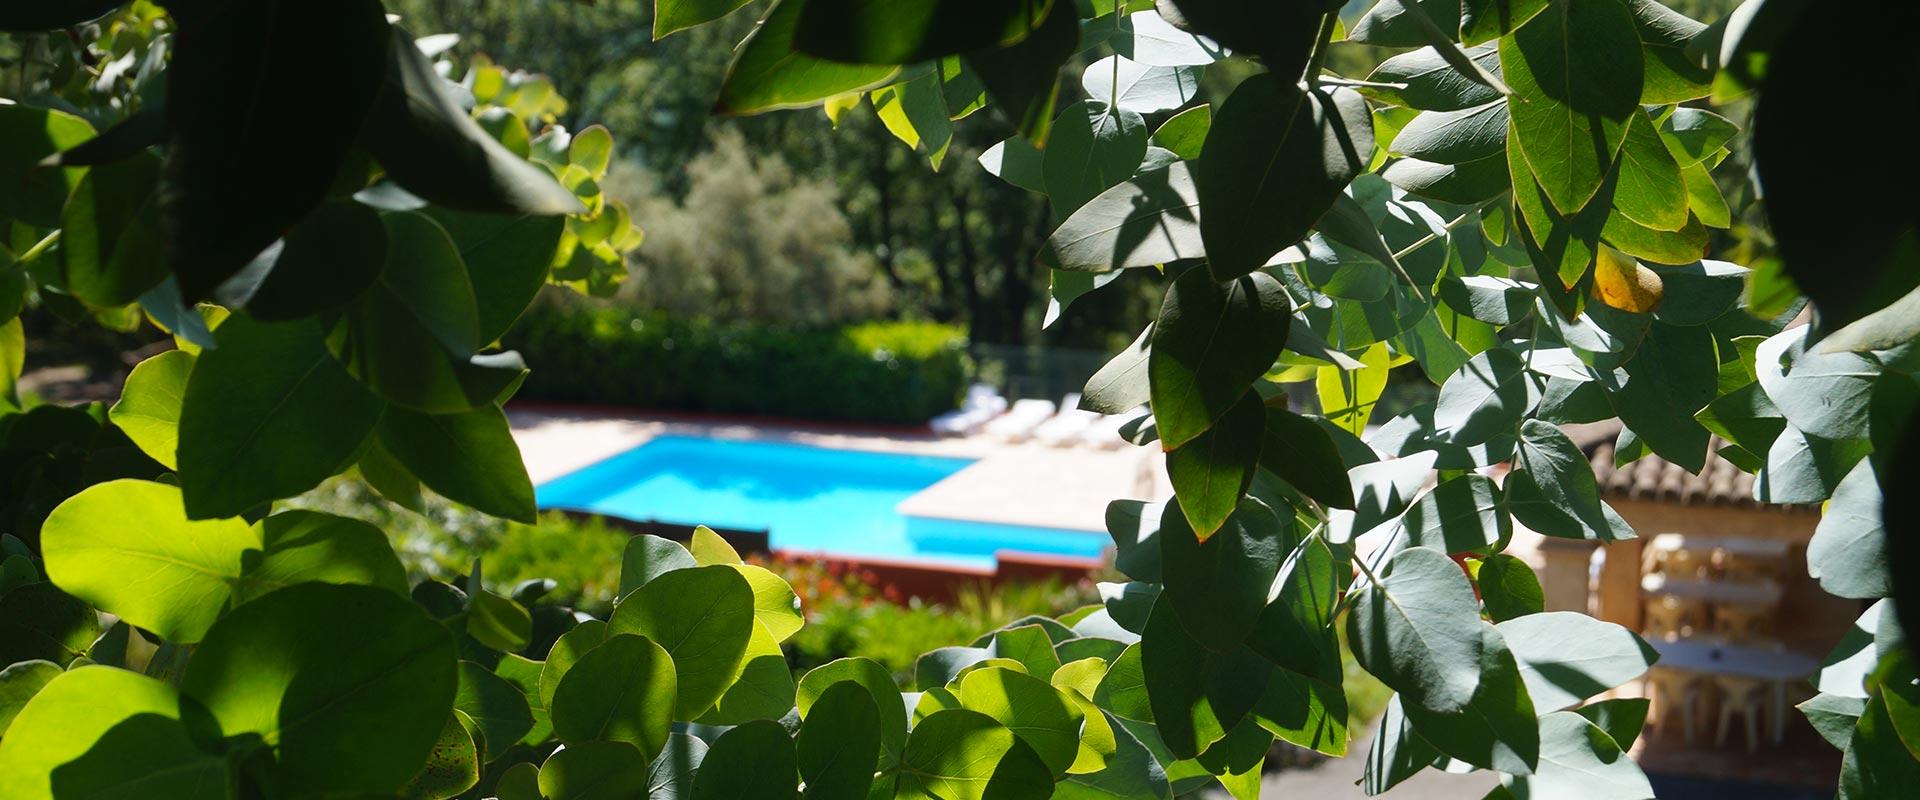 Het zwembad van de eucalyptusbomen